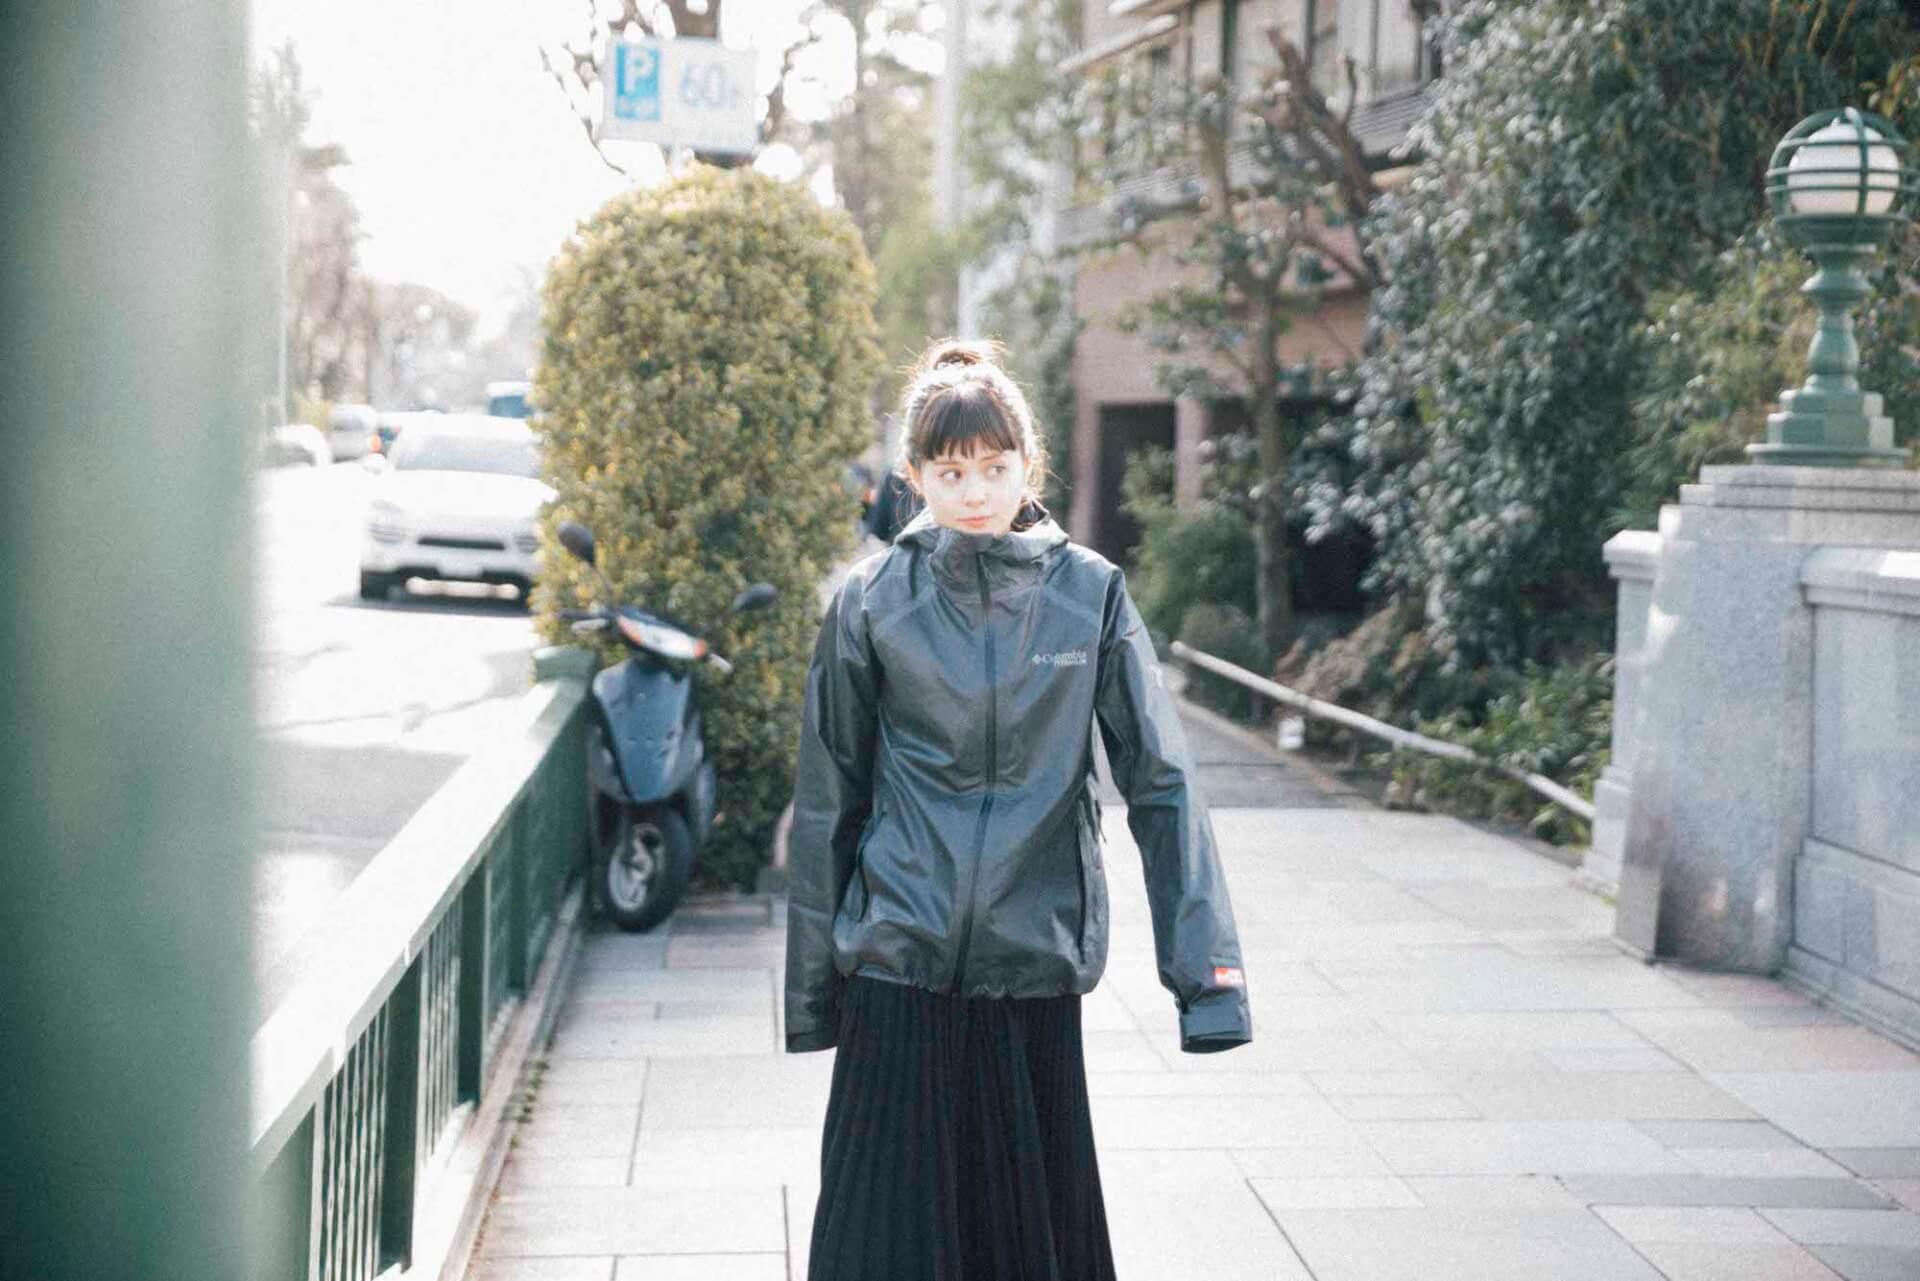 OUTDRY EXTREME & Amy|都会のアウトドアライフ fashion_columbia_42